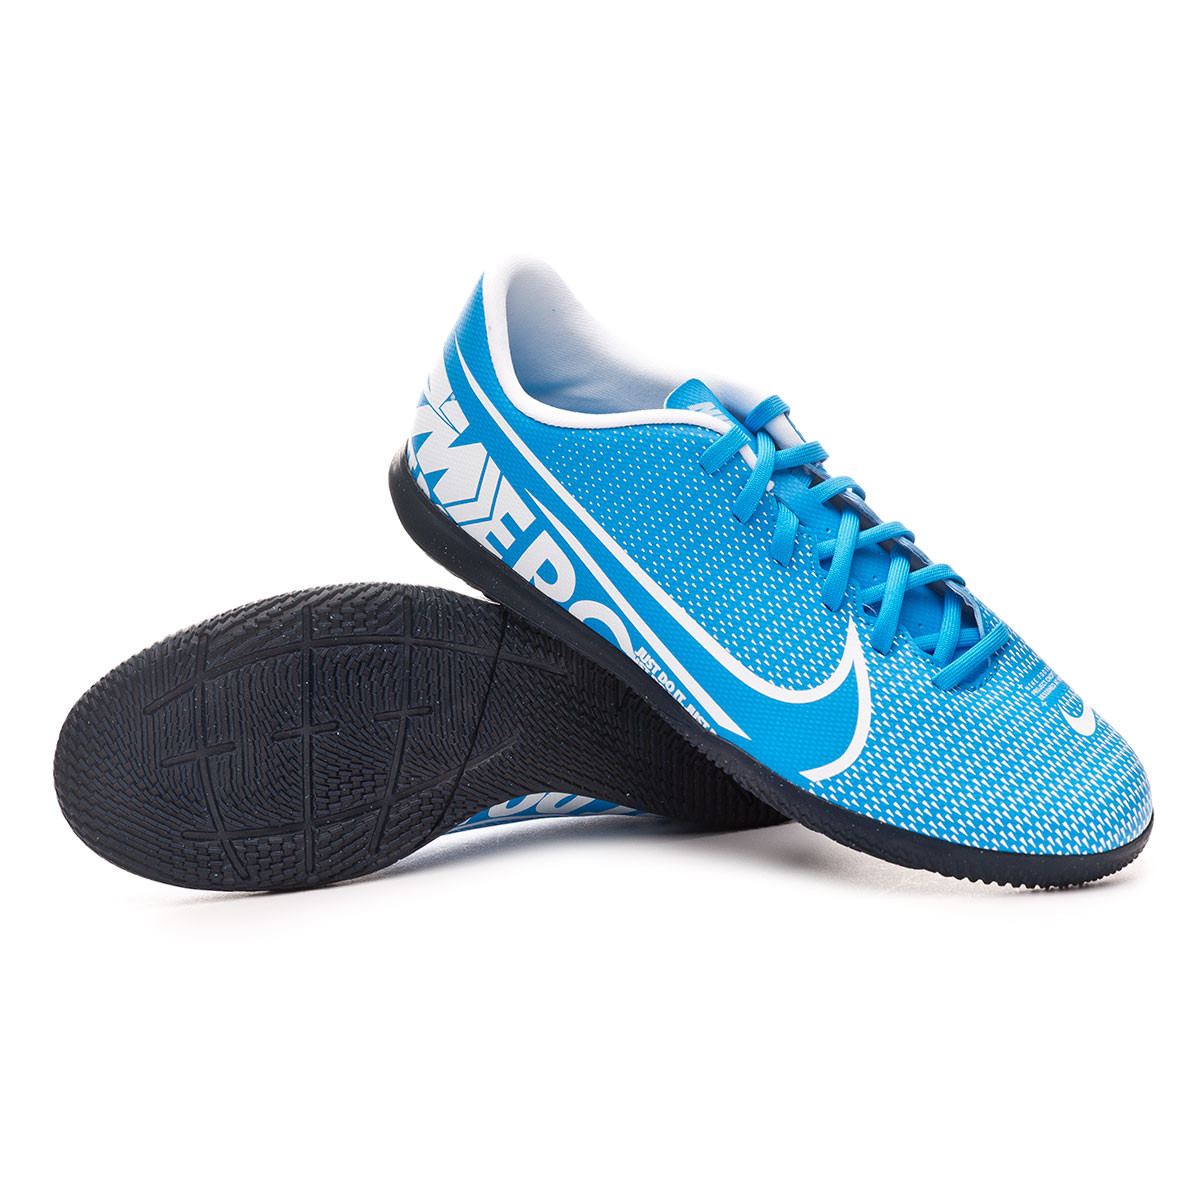 chaussure futsal nike adulte